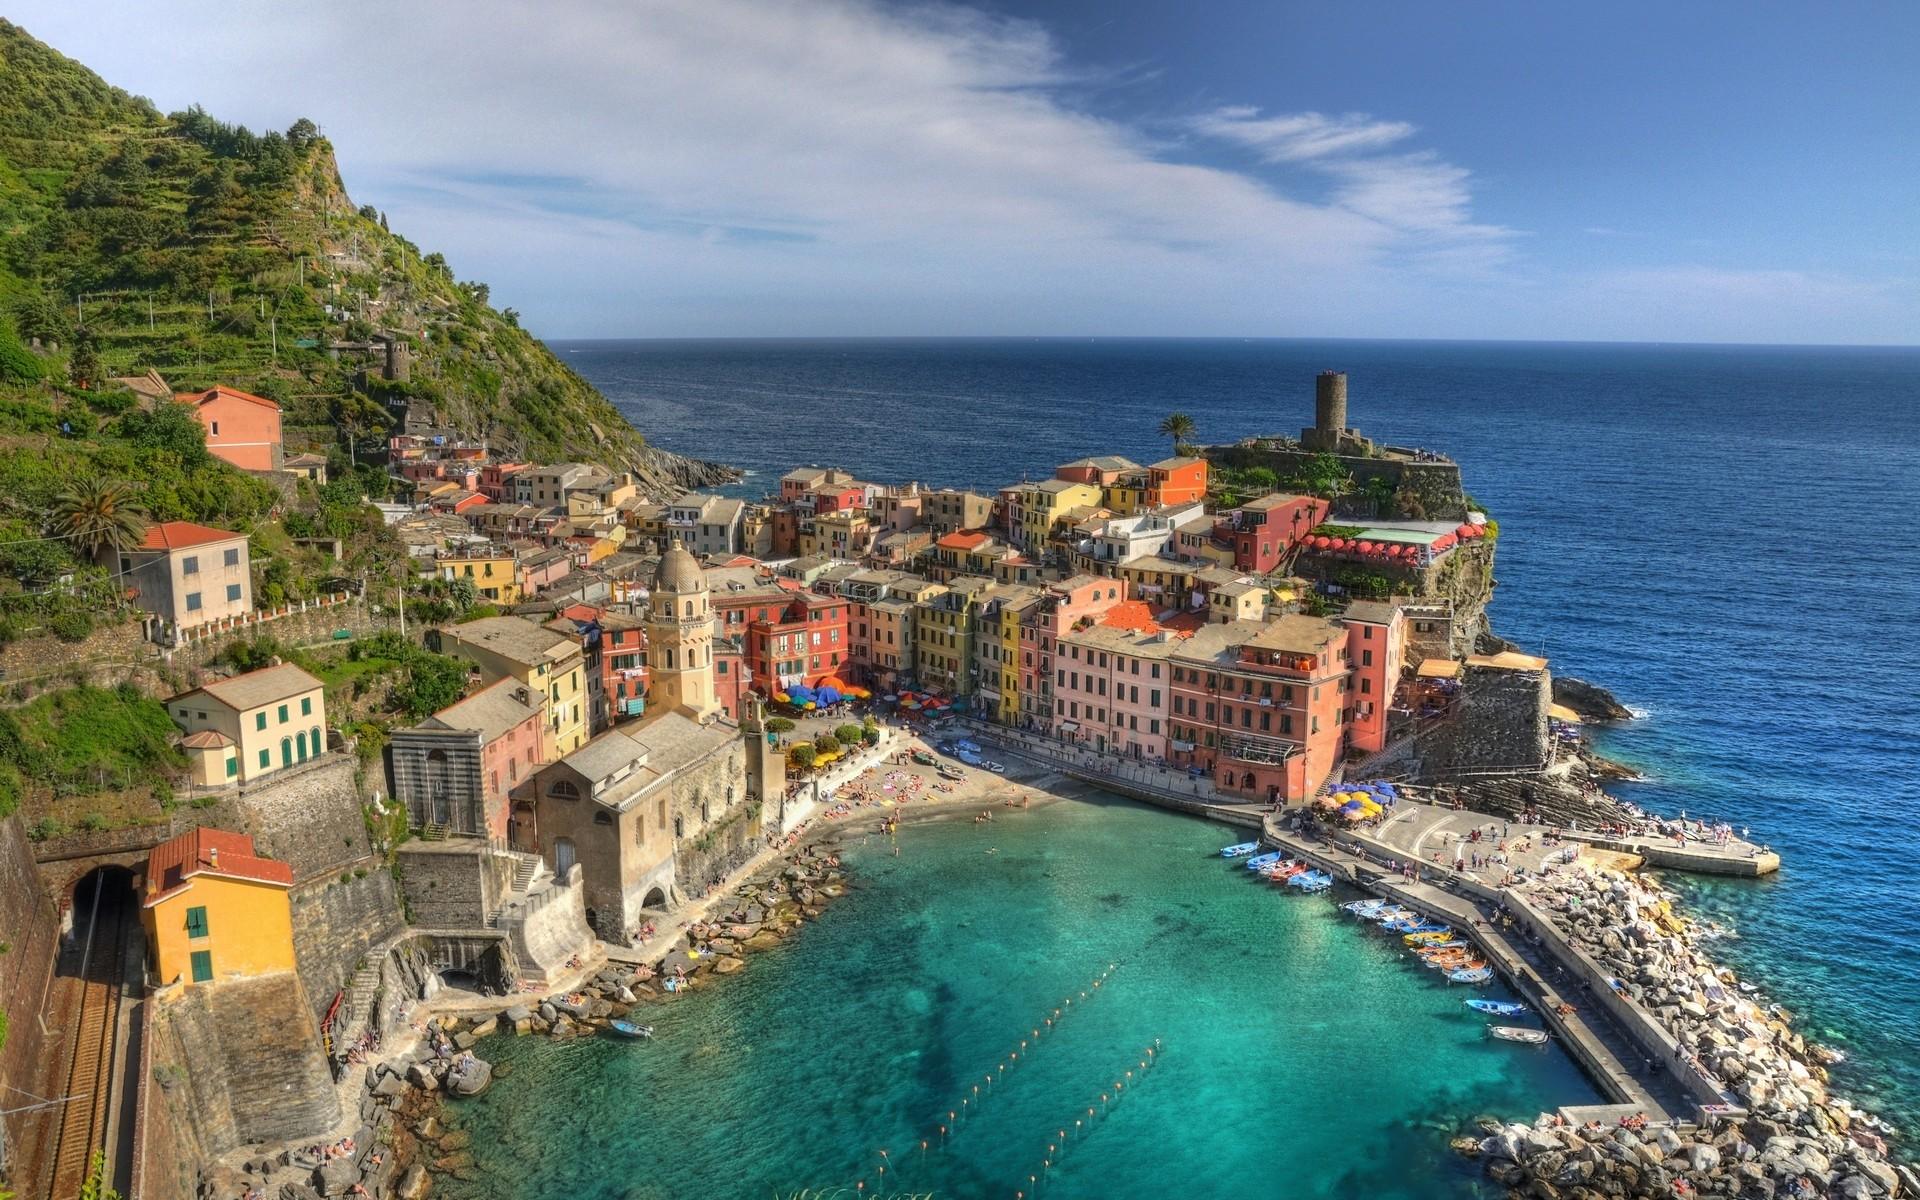 Download Sea Italy Wallpaper 1920x1200 Wallpoper 407253 1920x1200